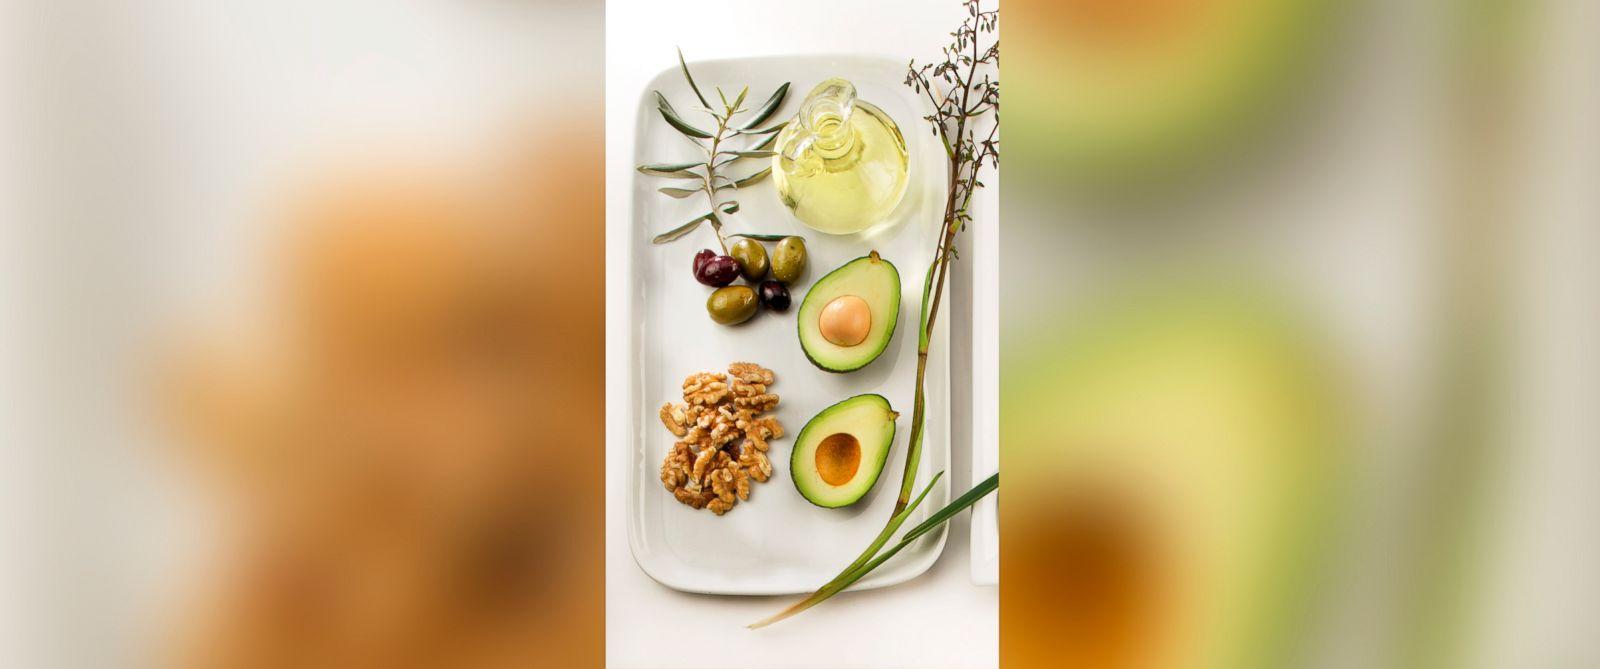 PHOTO: Olives, Canola oil, avocado and walnuts.